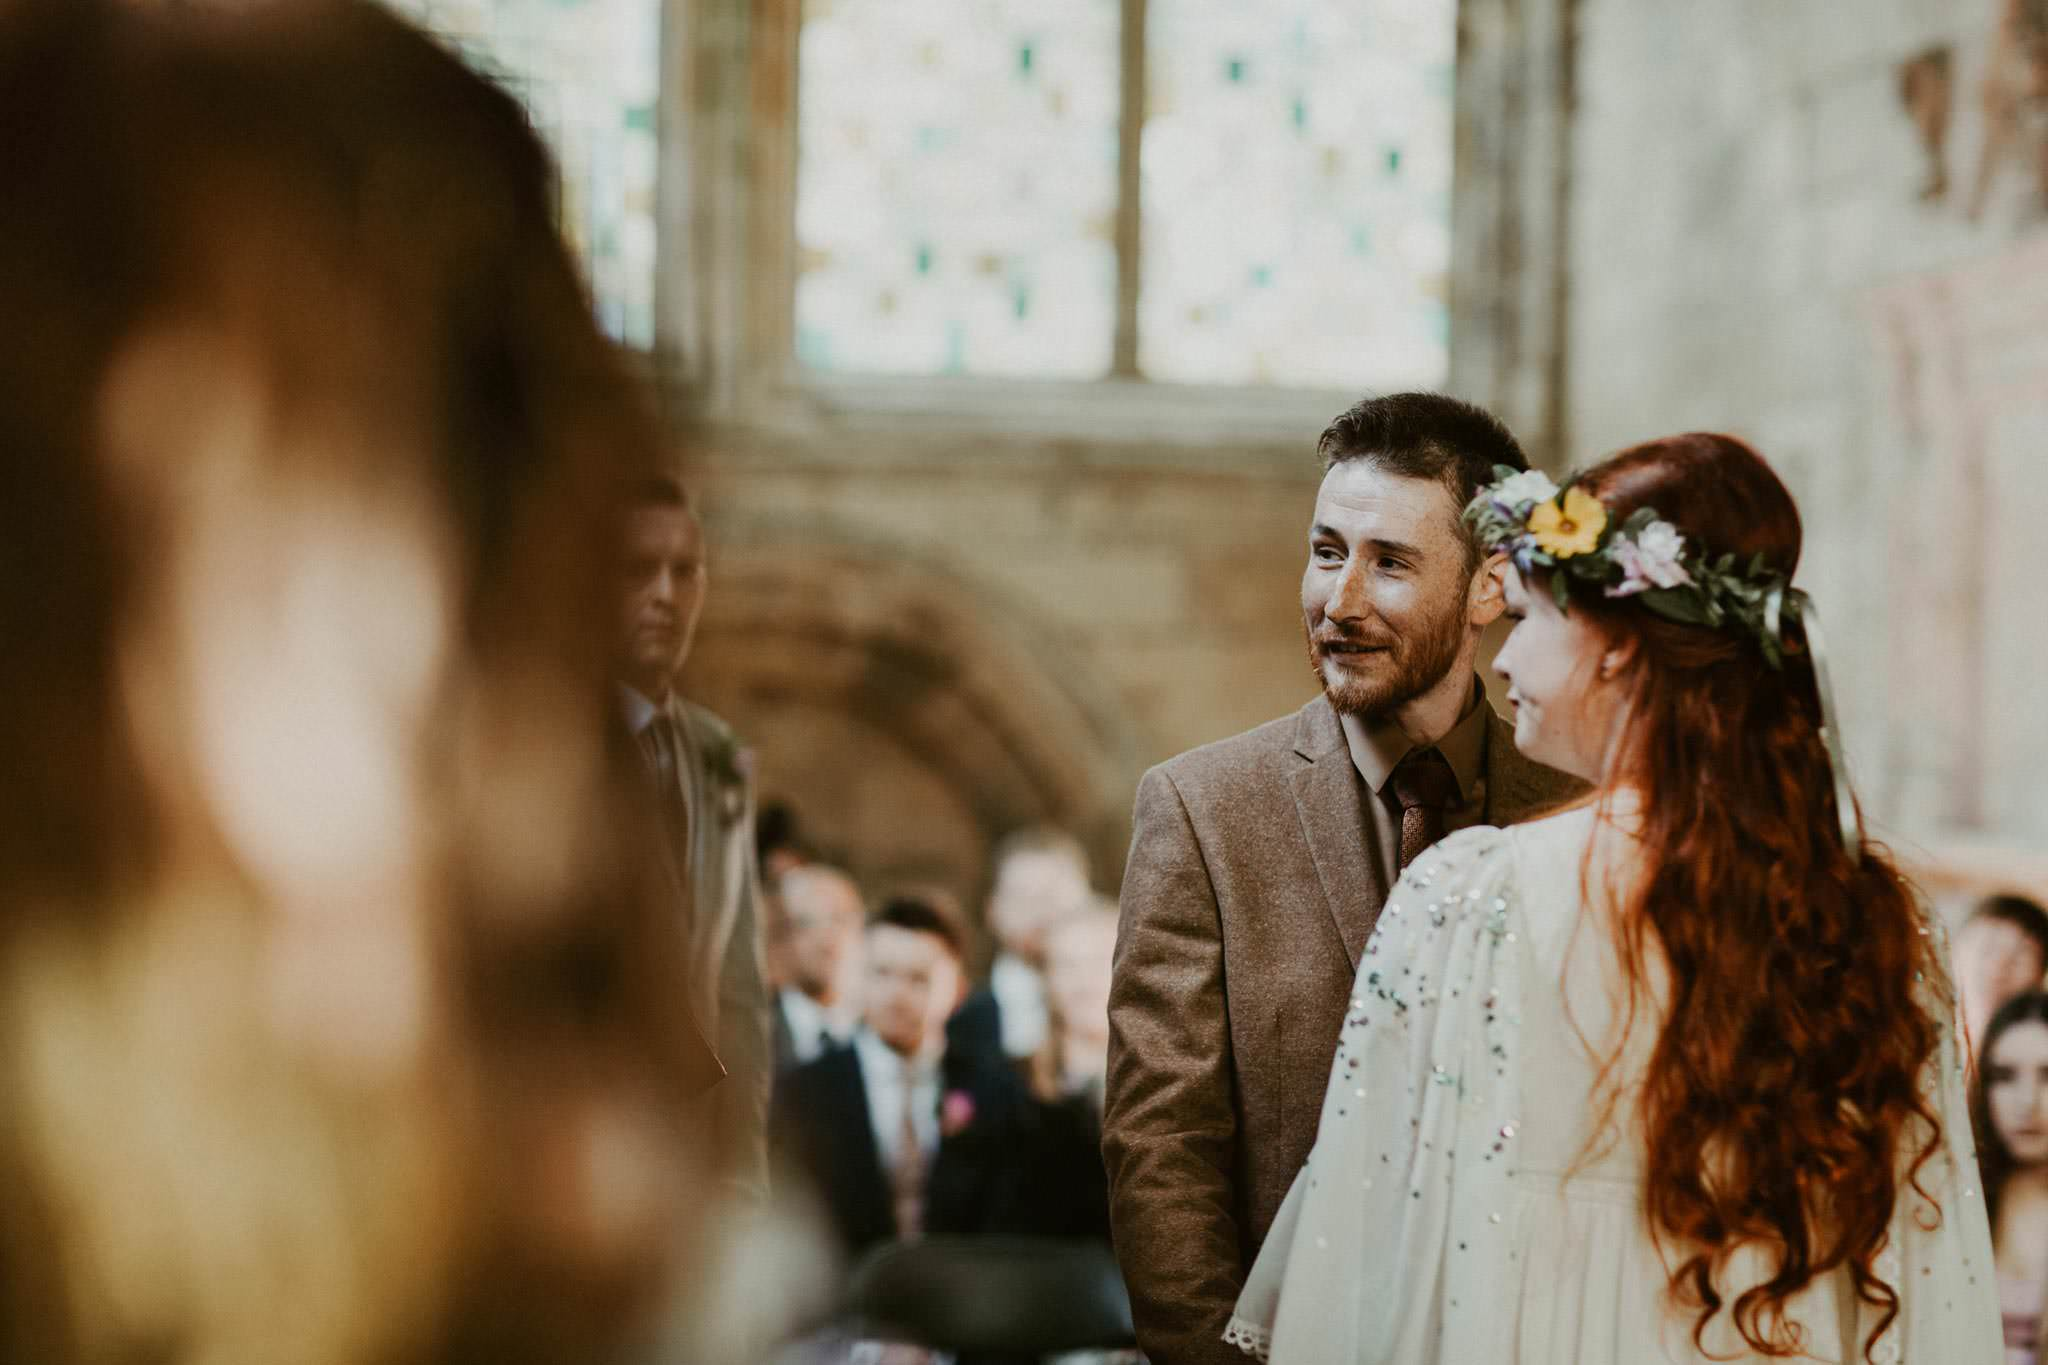 scottish-wedding-photography-051